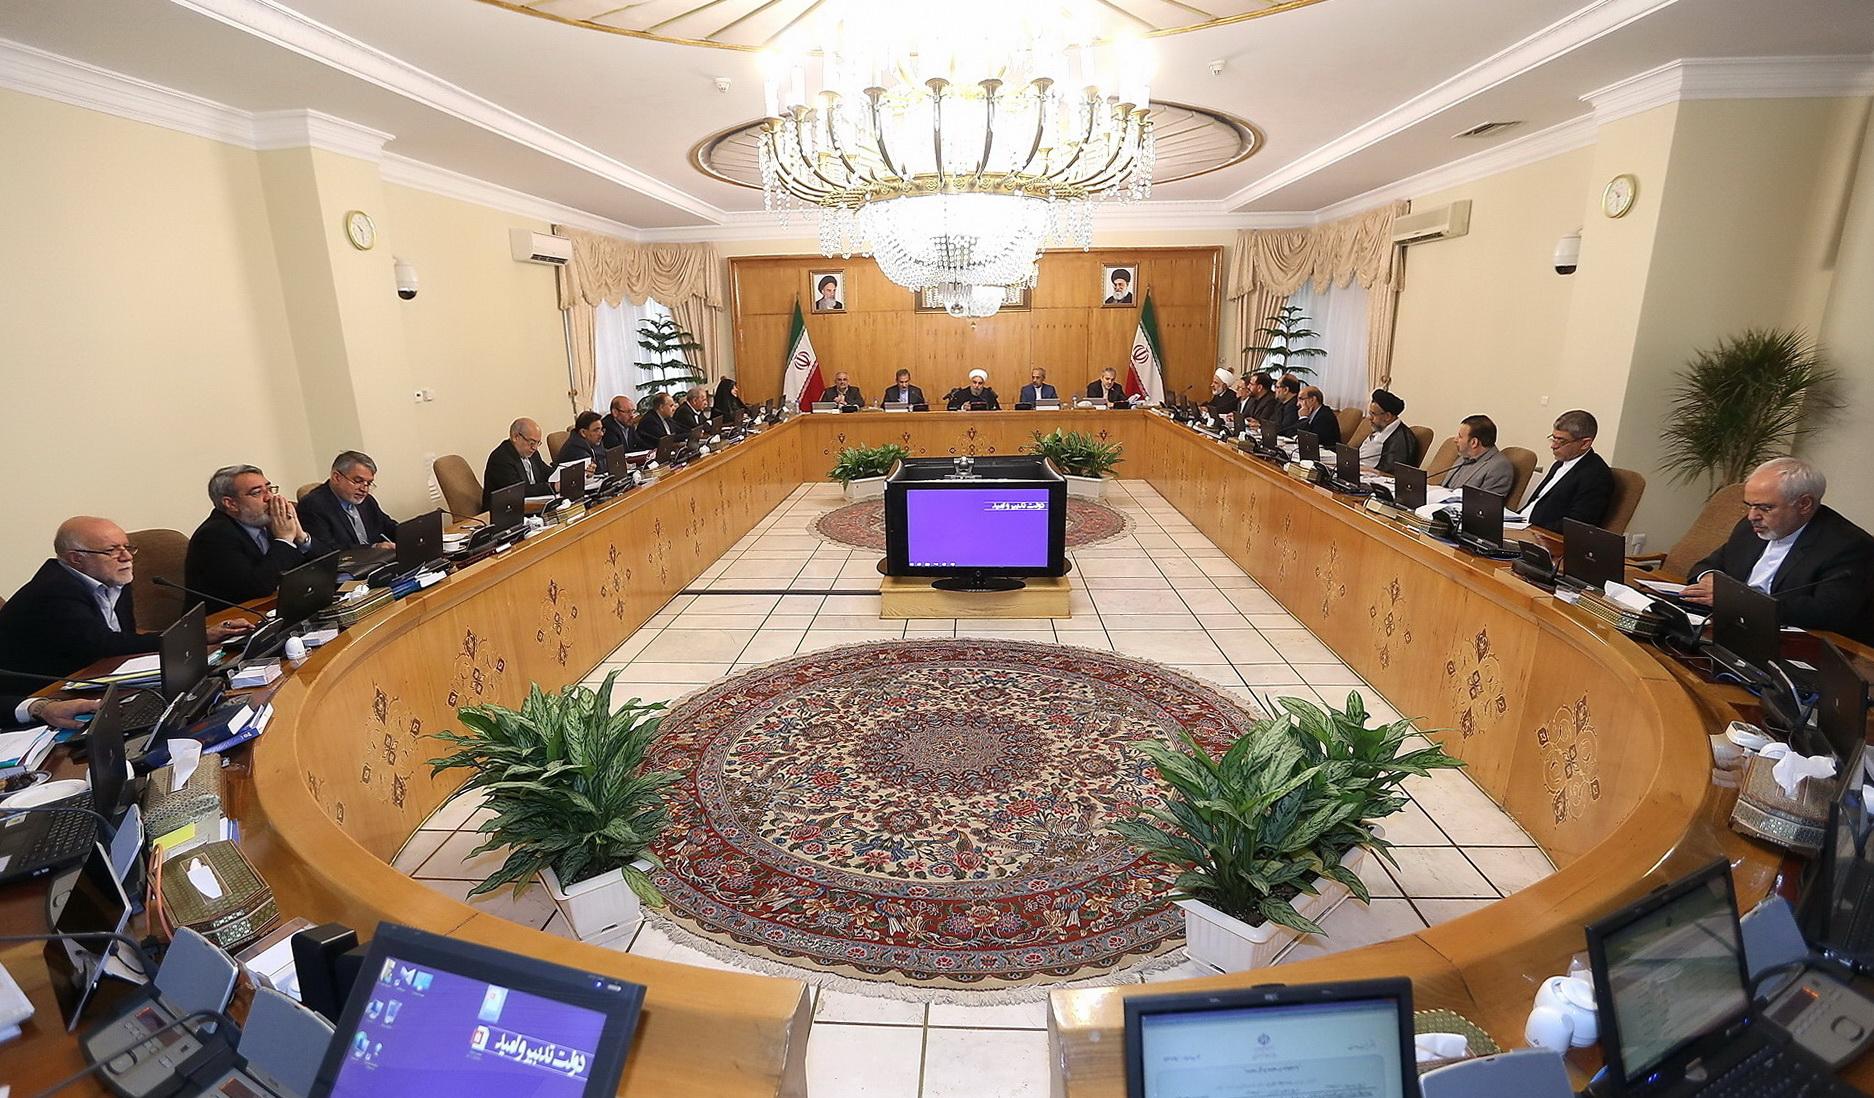 روحانی امروز وزرای پیشنهادی را به مجلس معرفی میکند| کدام وزرا در فهرست تغییر قرار دارند؟